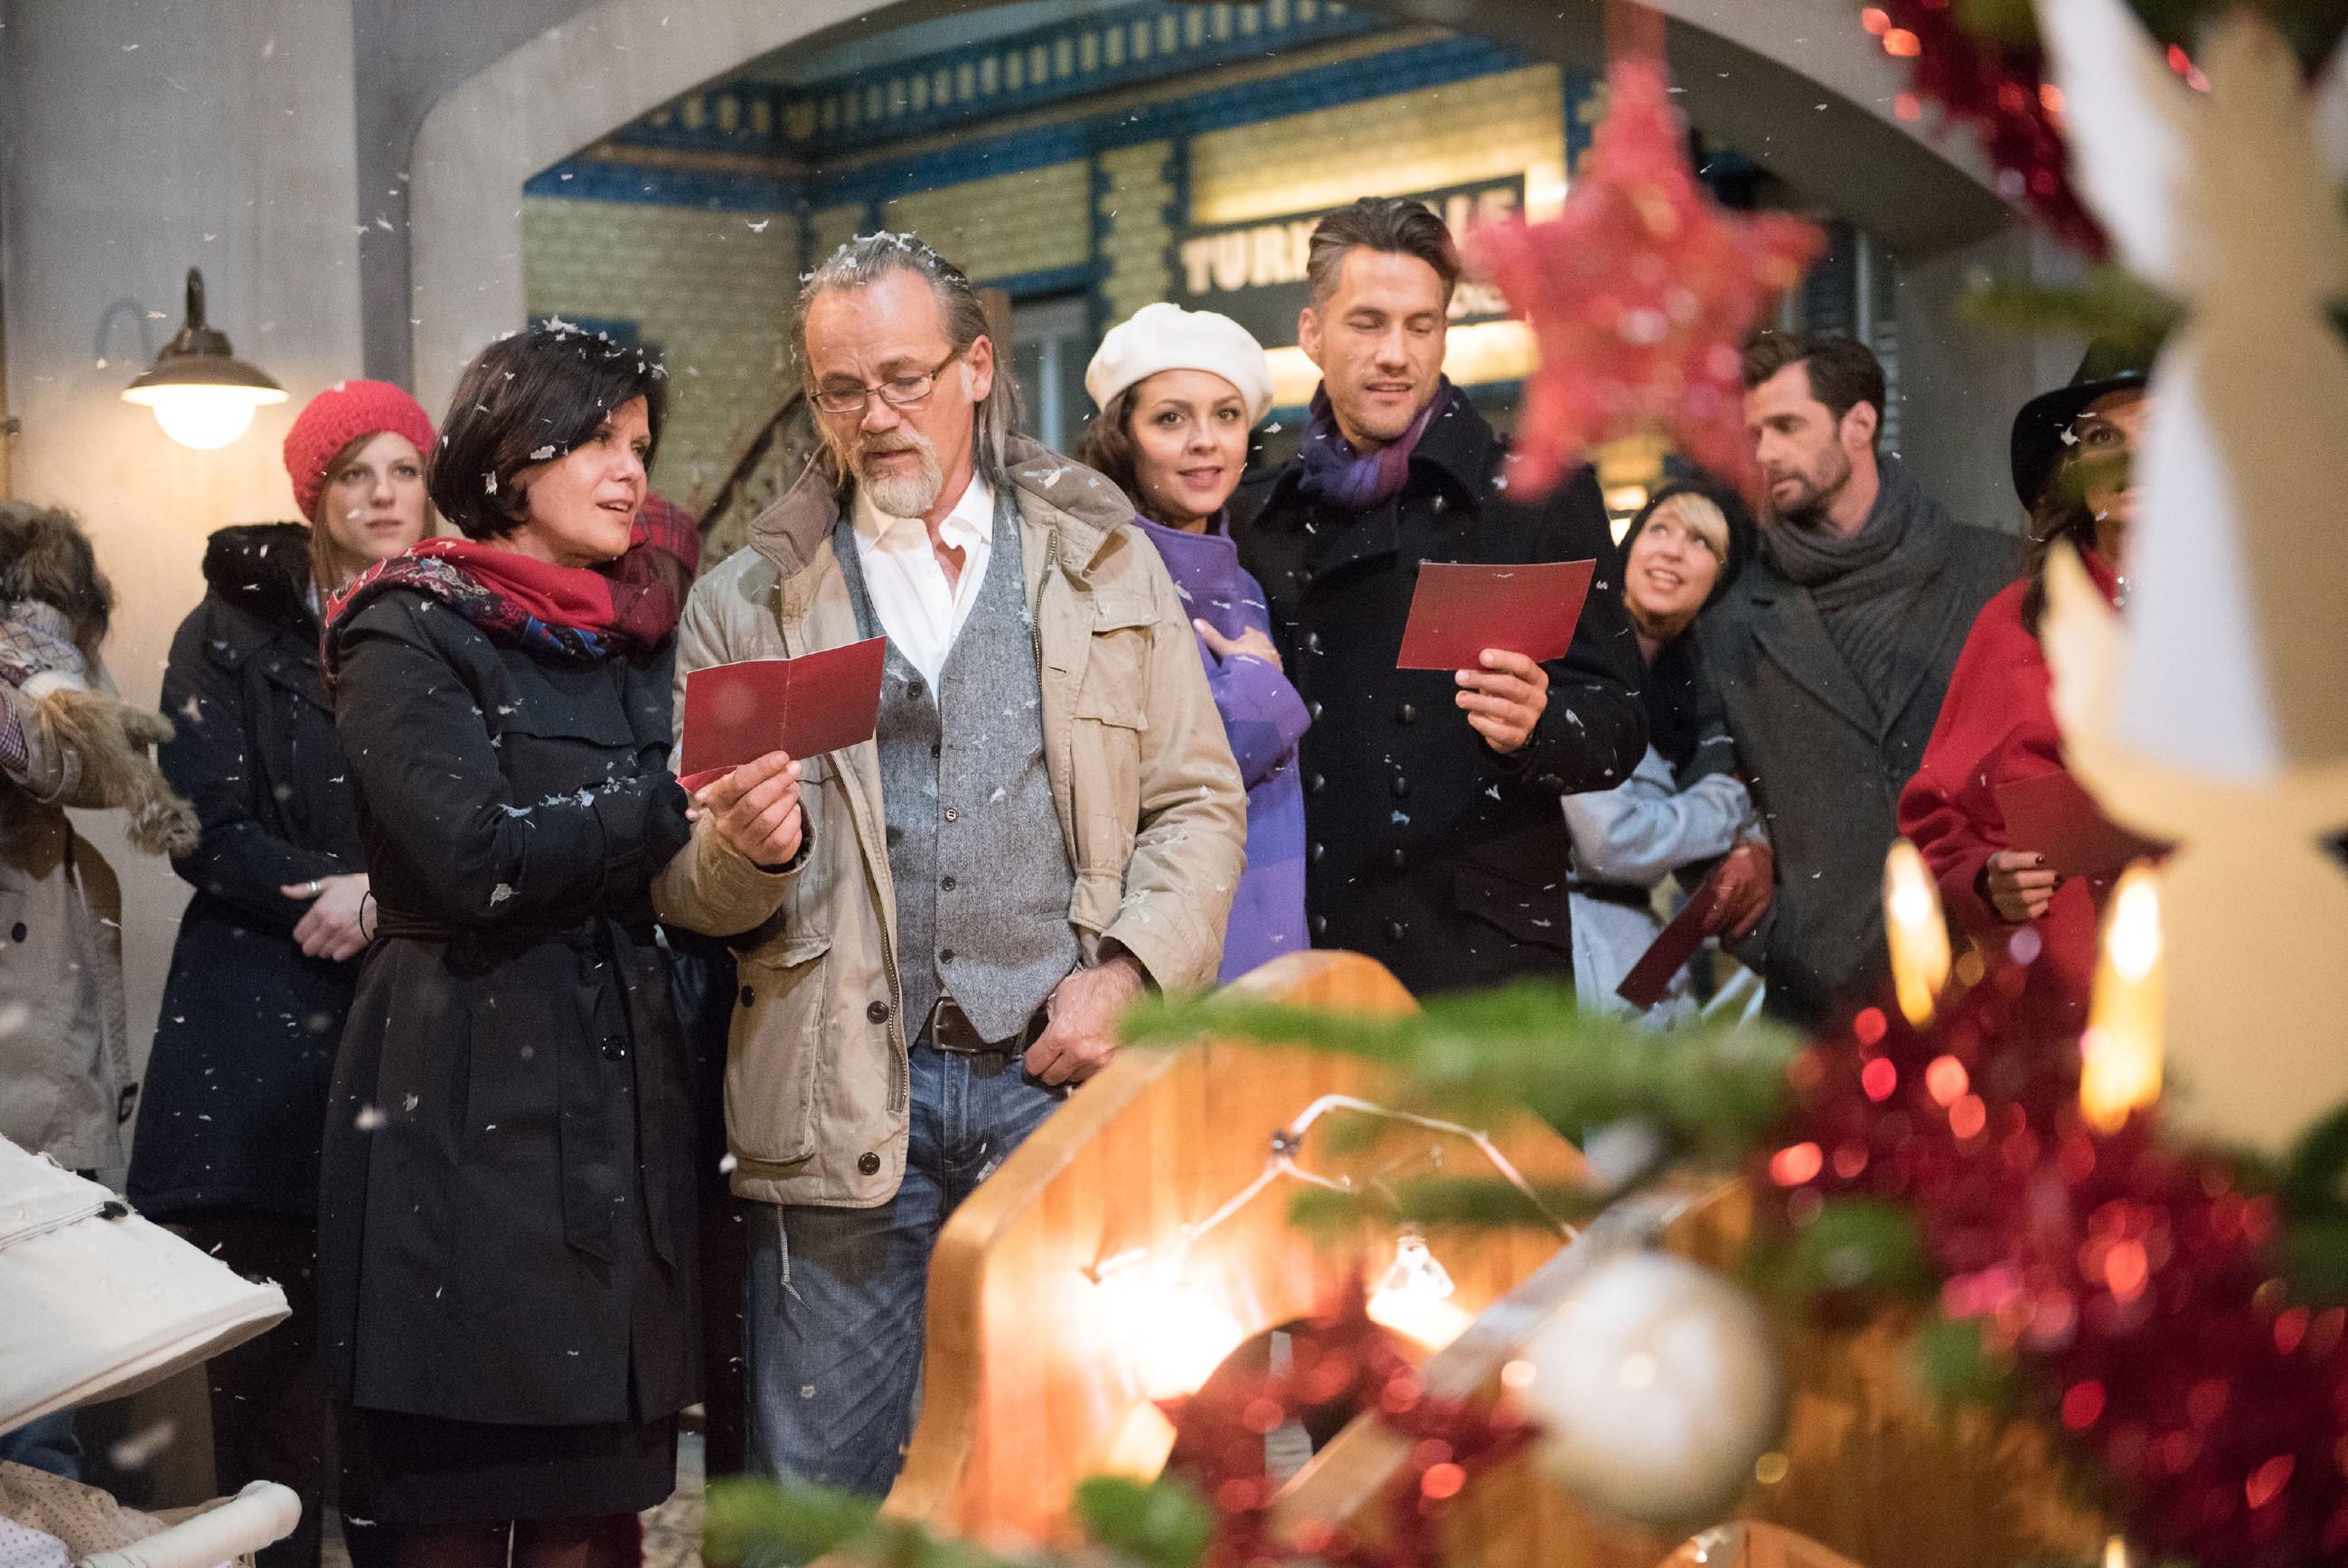 Traditionell haben sich die Bewohner der Schillerallee, (v.l.) Elli (Nora Koppen), Irene (Petra Blossey), Robert (Luca Maric), Caro (Ines Kurenbach), Malte (Stefan Bockelmann), Ute (Isabell Hertel), Henning (Benjamin Kiss) und Britta (Tabea Heynig), im Innenhof zum gemeinsamen Singen eingefunden. (Quelle: RTL / Stefan Behrens)